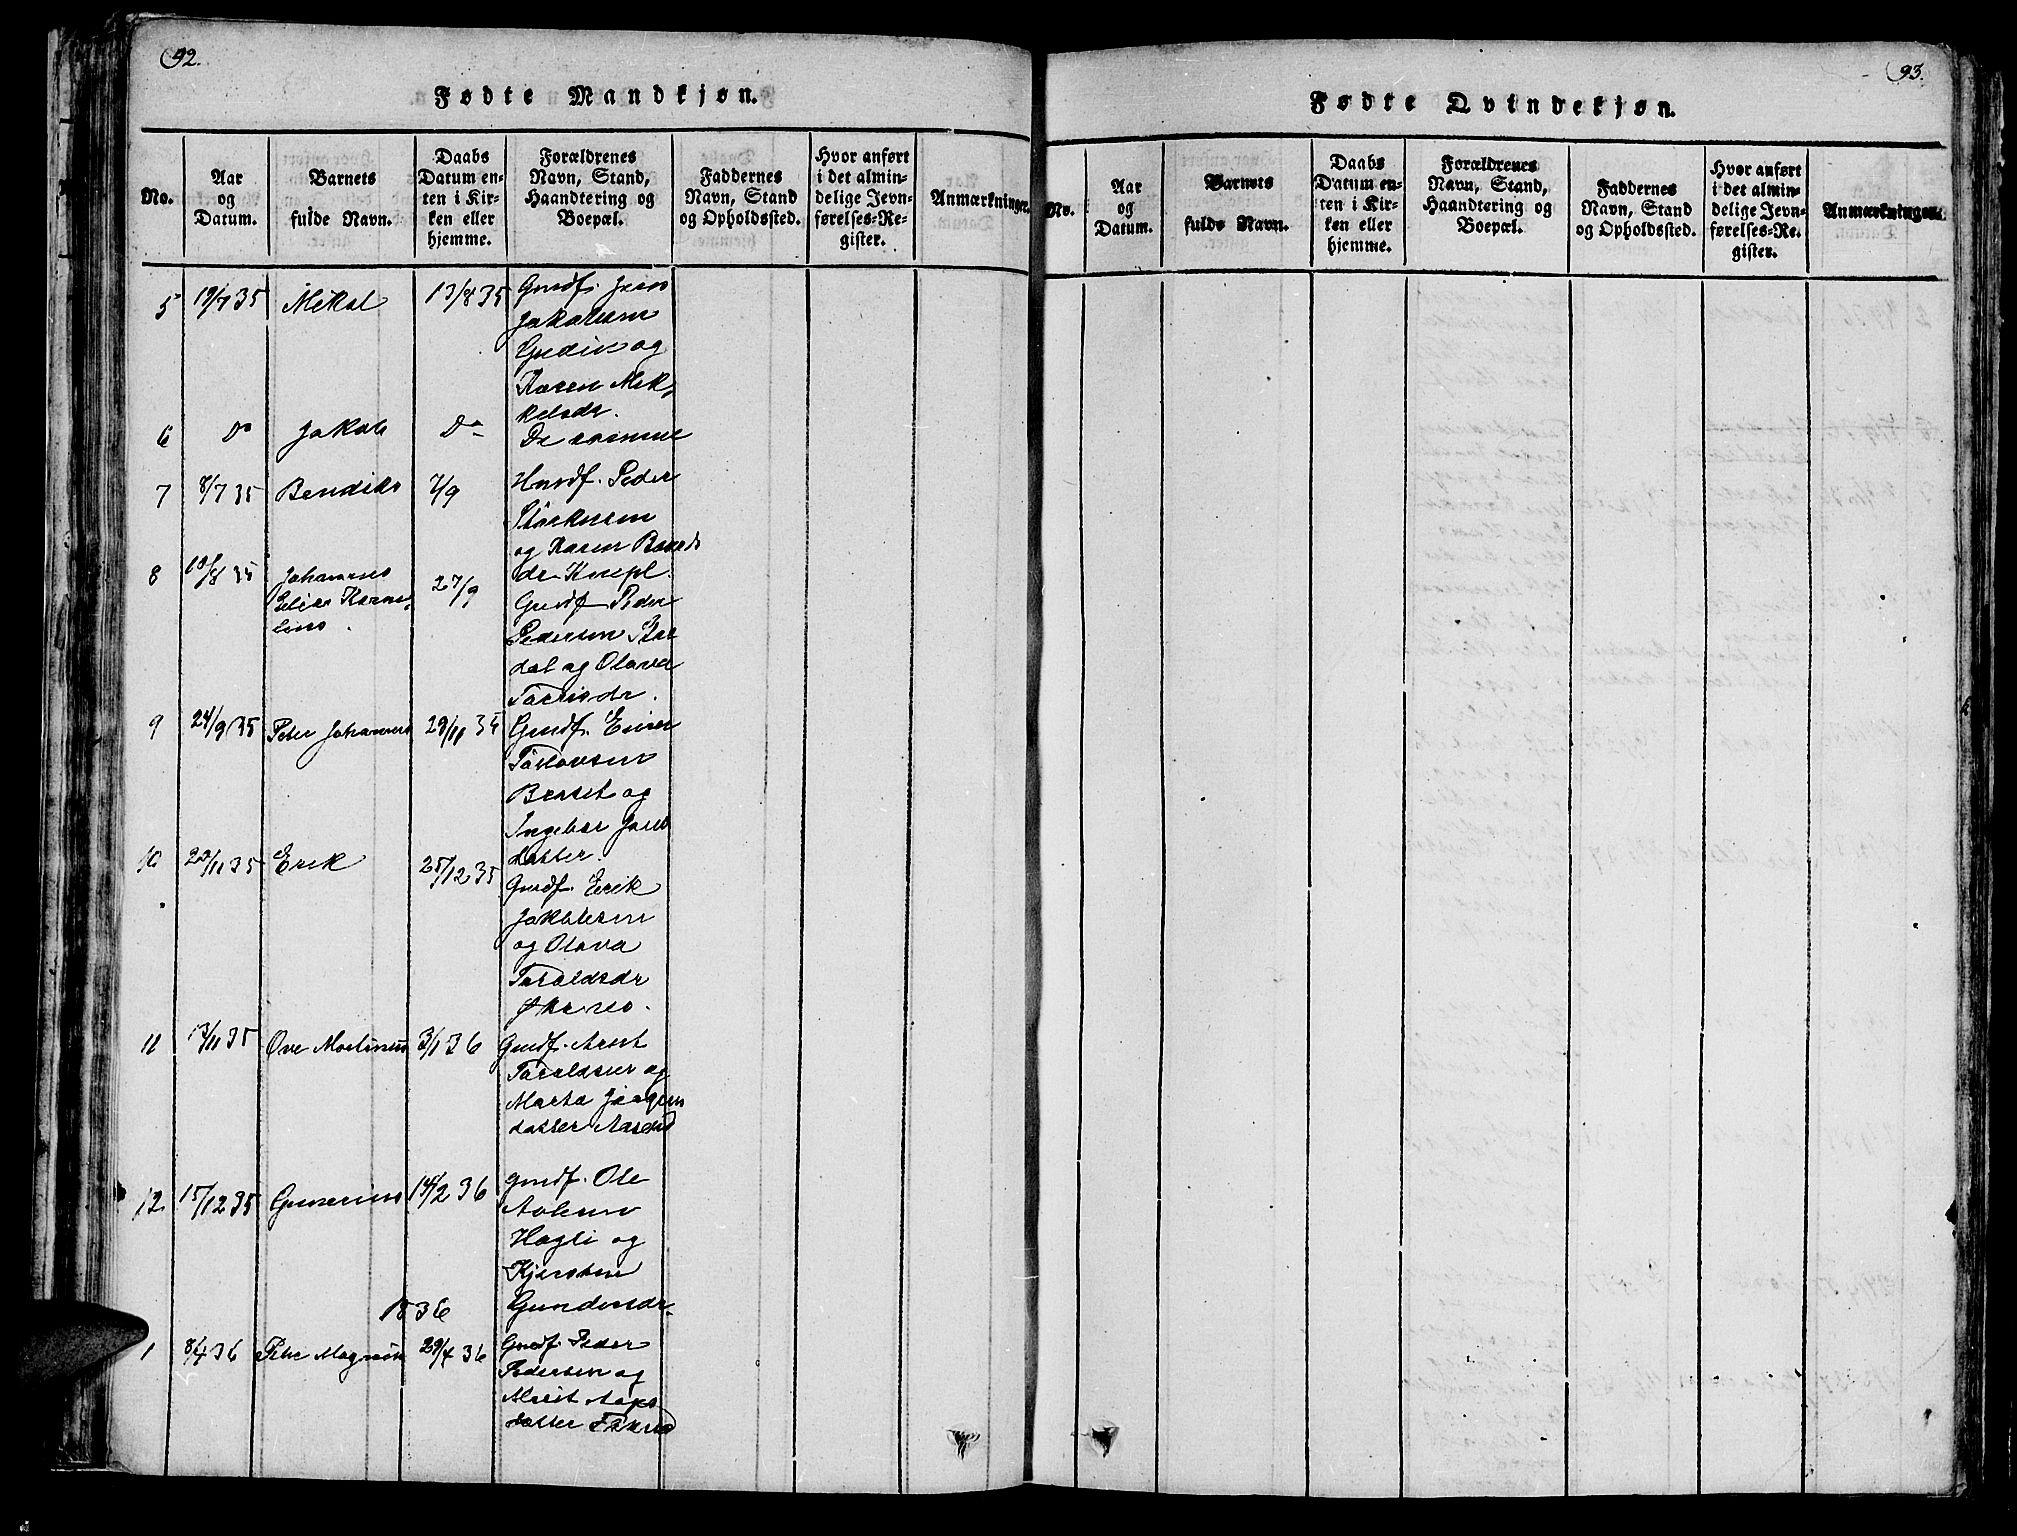 SAT, Ministerialprotokoller, klokkerbøker og fødselsregistre - Nord-Trøndelag, 747/L0459: Klokkerbok nr. 747C01, 1816-1842, s. 92-93